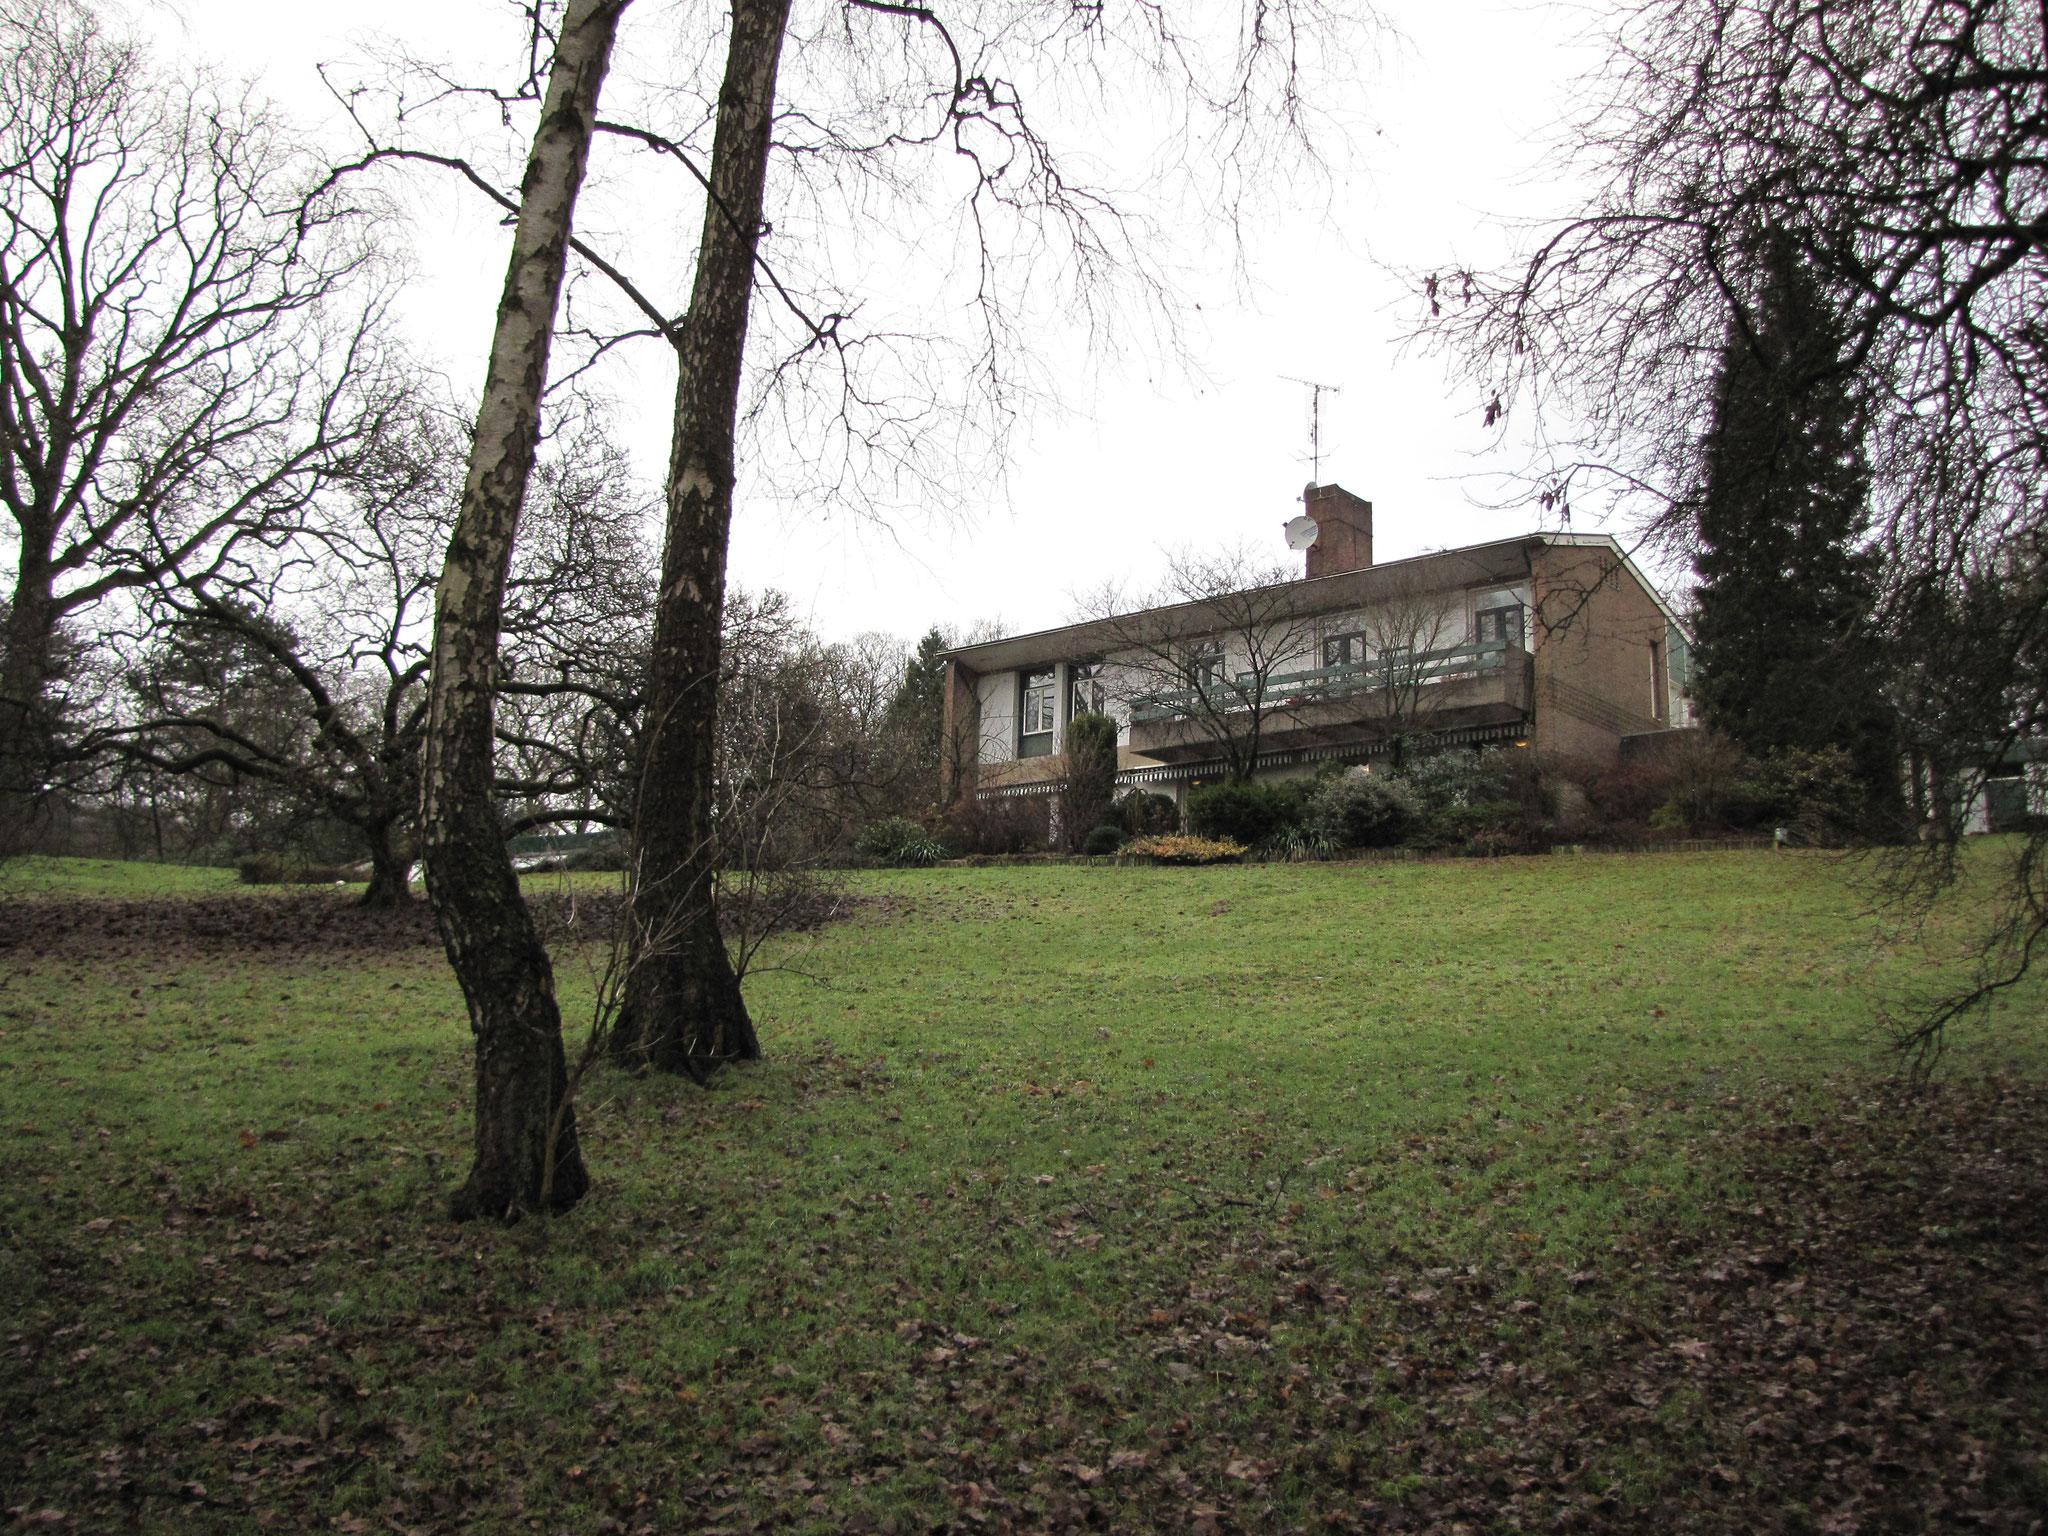 Landhuis, gezien vanaf een laag punt in de tuin.